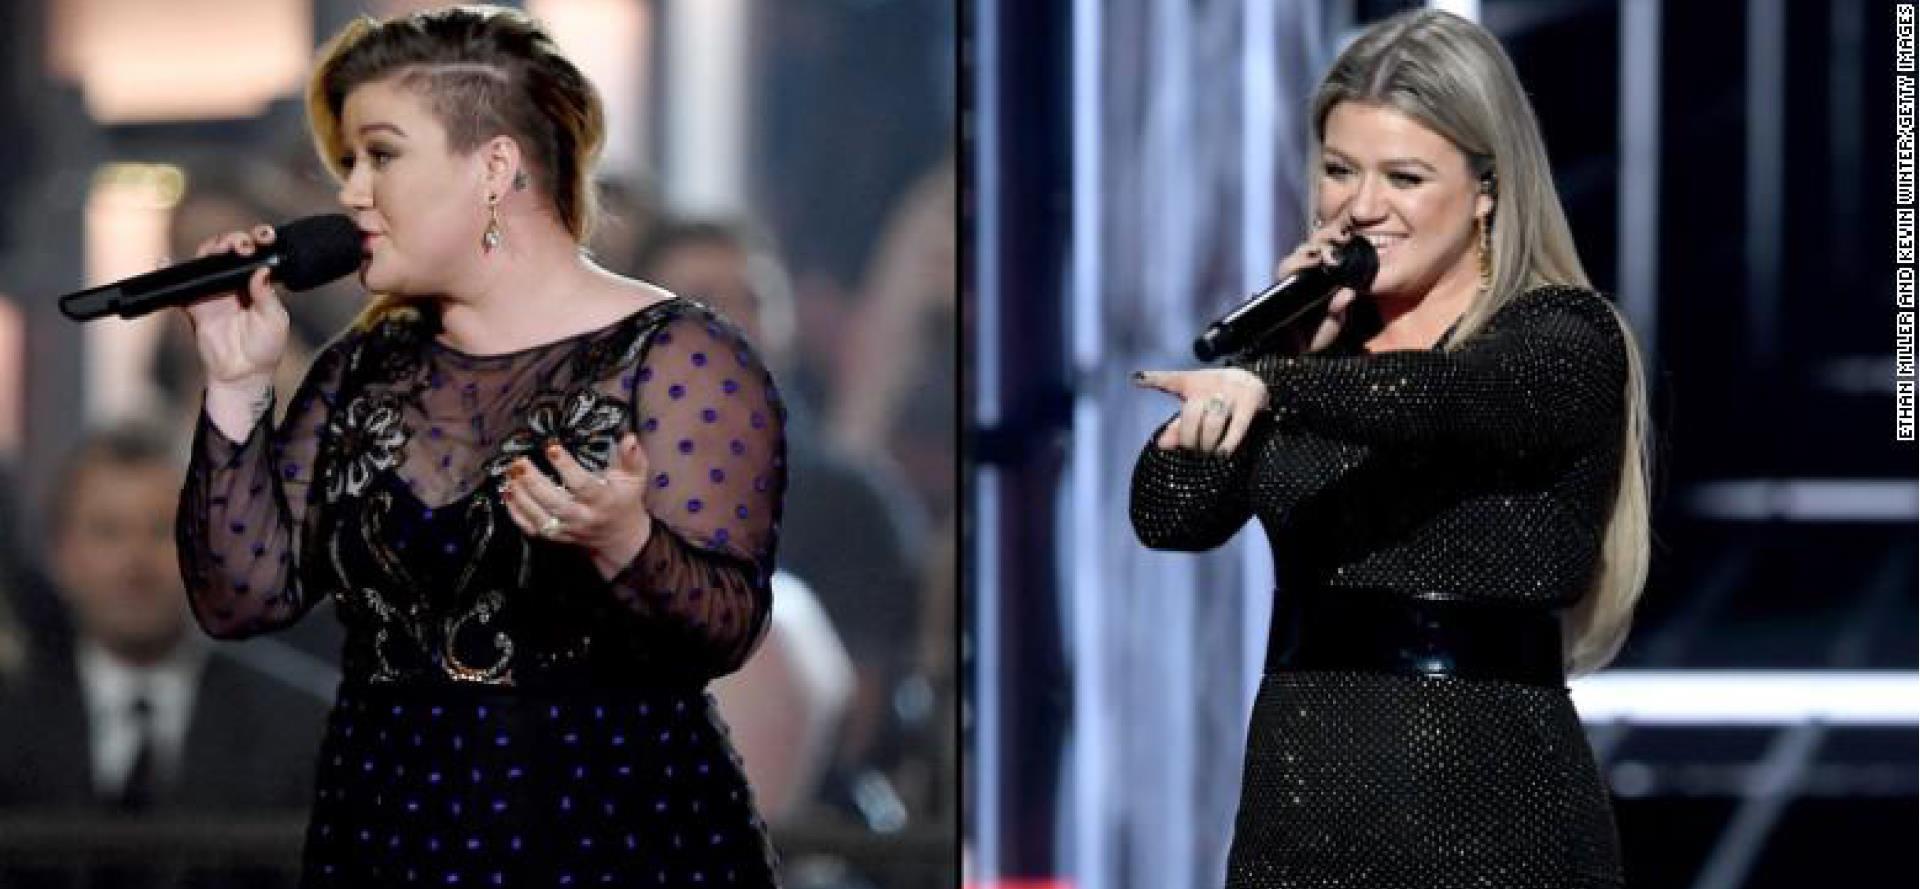 Elképesztő: 17 kilót fogyott Kelly Clarkson – fotók - Blikk